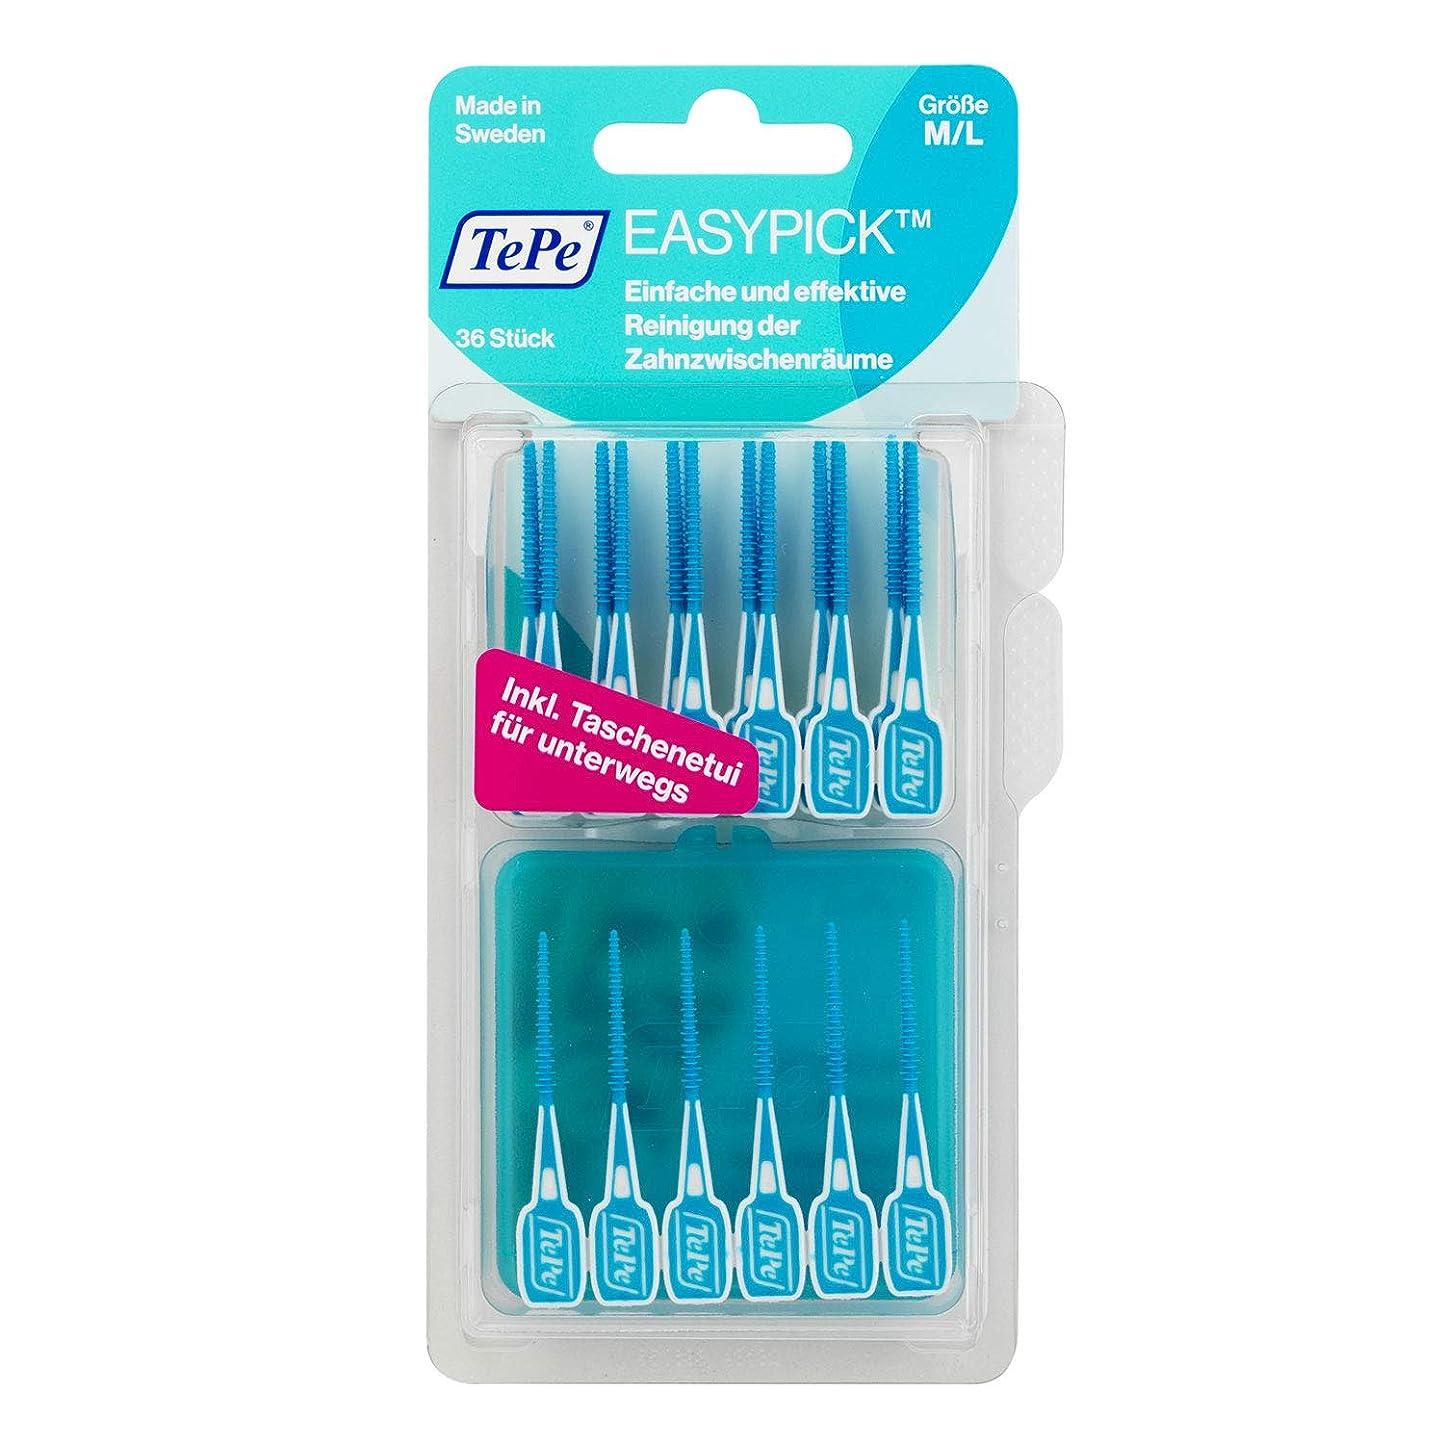 魂モバイルパスTepe Easy Pick Blue M/l 36 Pack, Travel Case Included - Recommended By Dentists